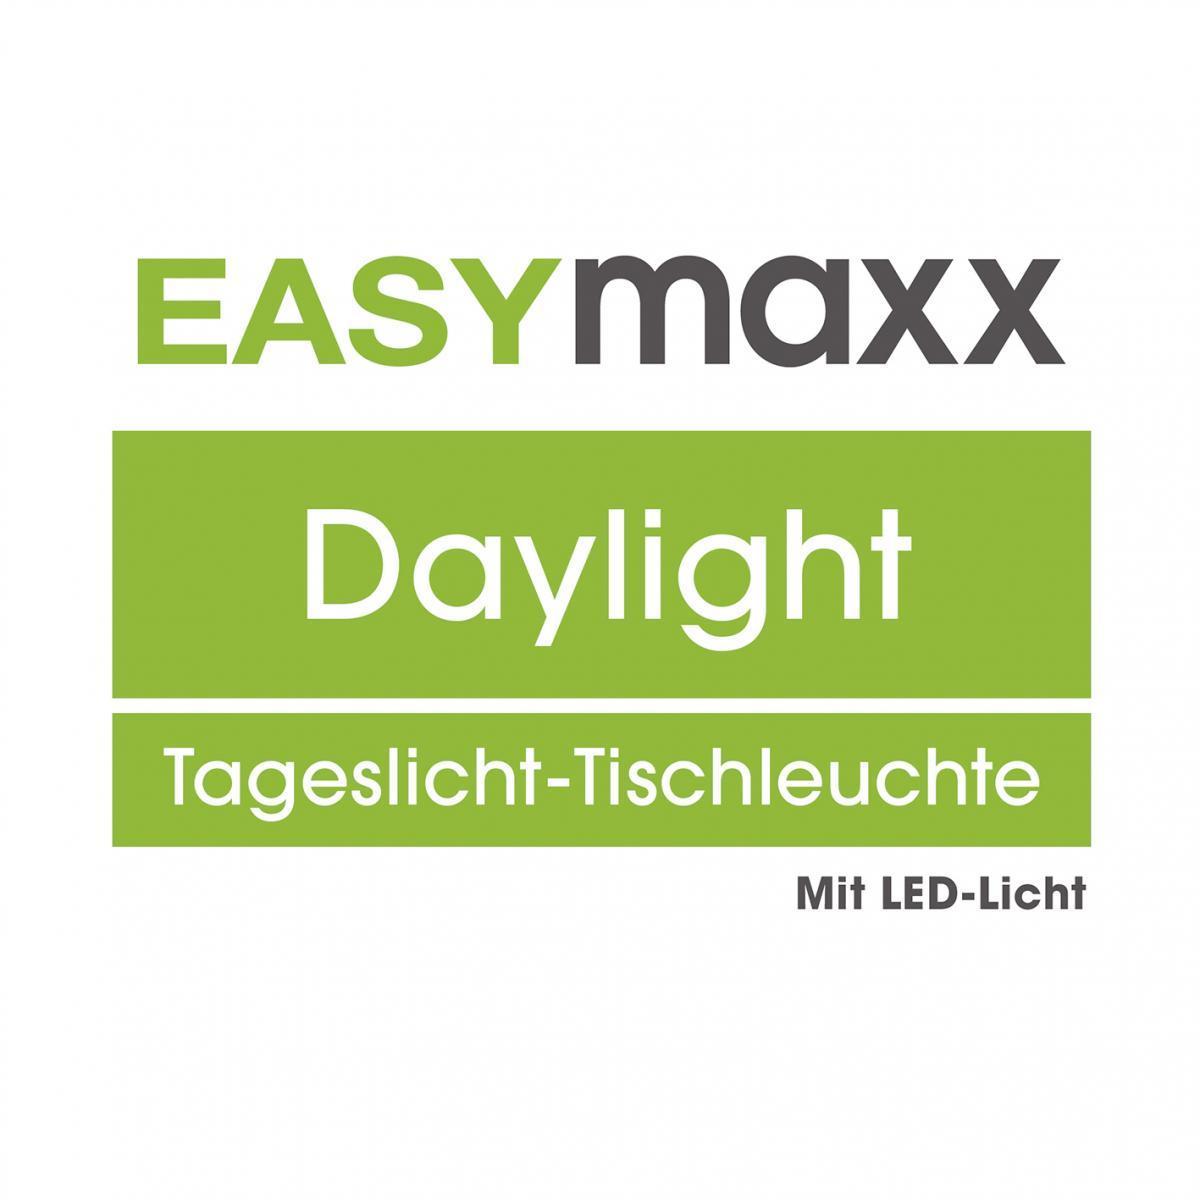 Bild 4 von EASYmaxx LED-Tageslicht-Tischleuchte Daylight, 12W, Messingfarben